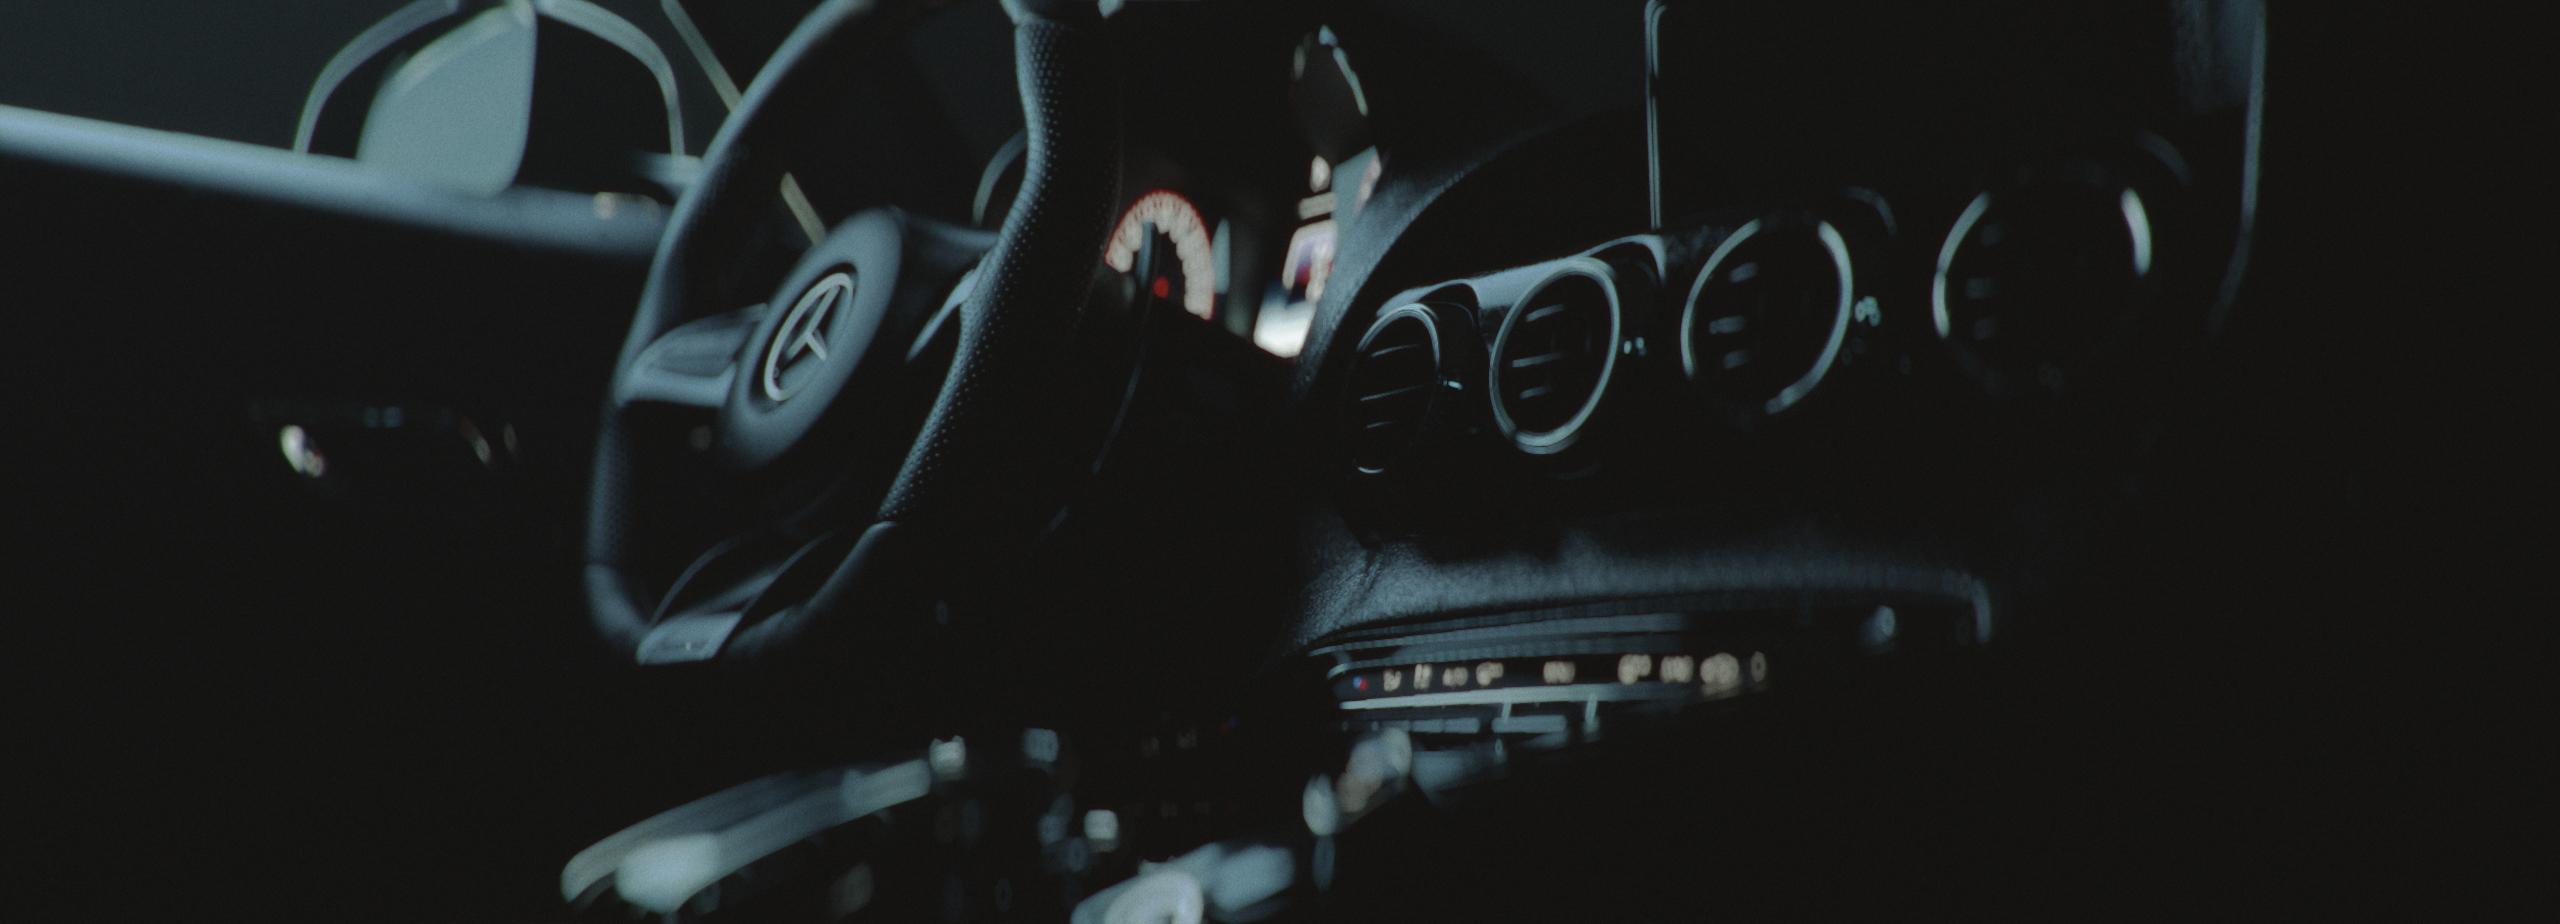 AMG_GT_interior_v06